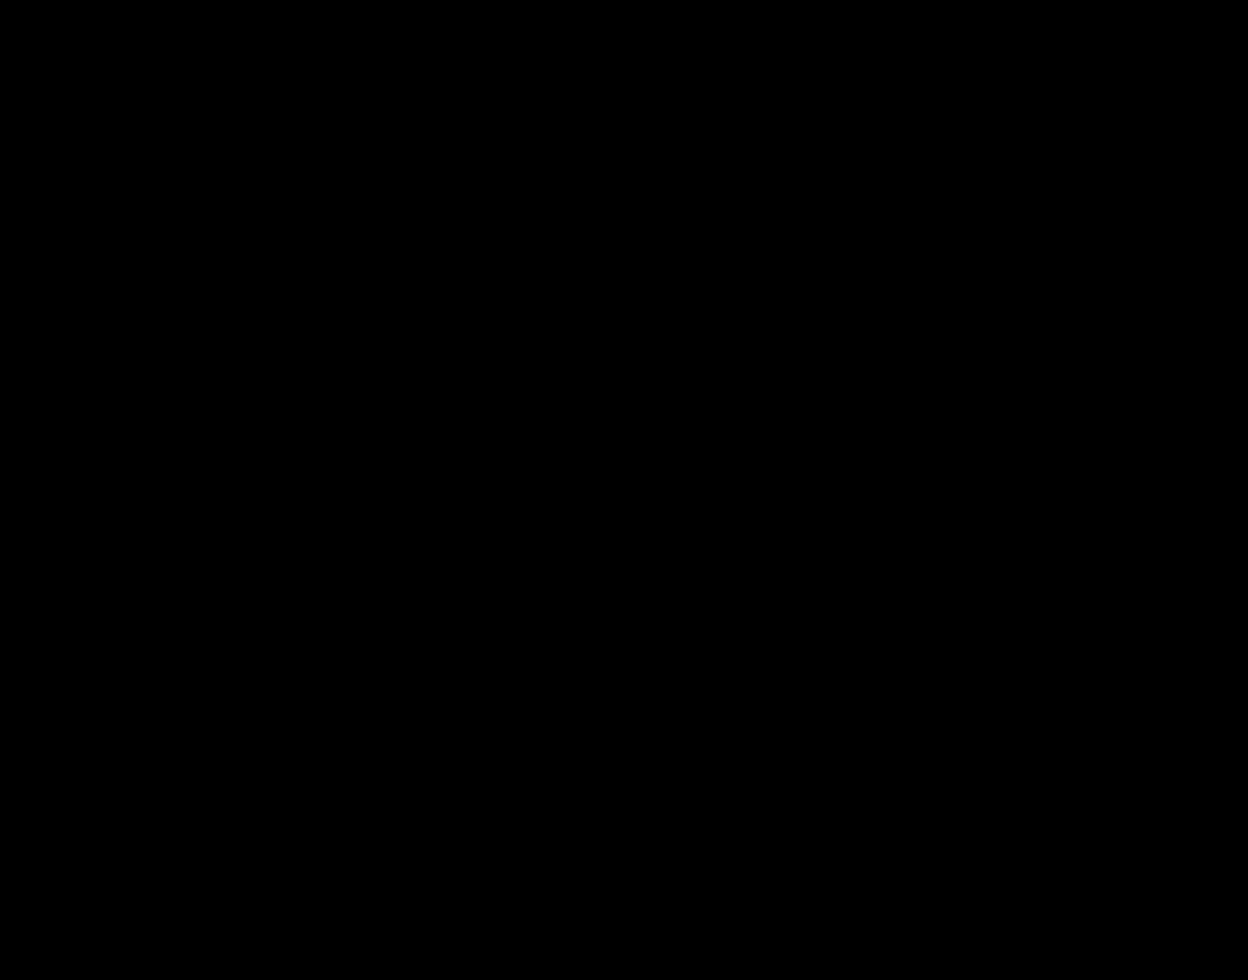 logotipo de montaña png